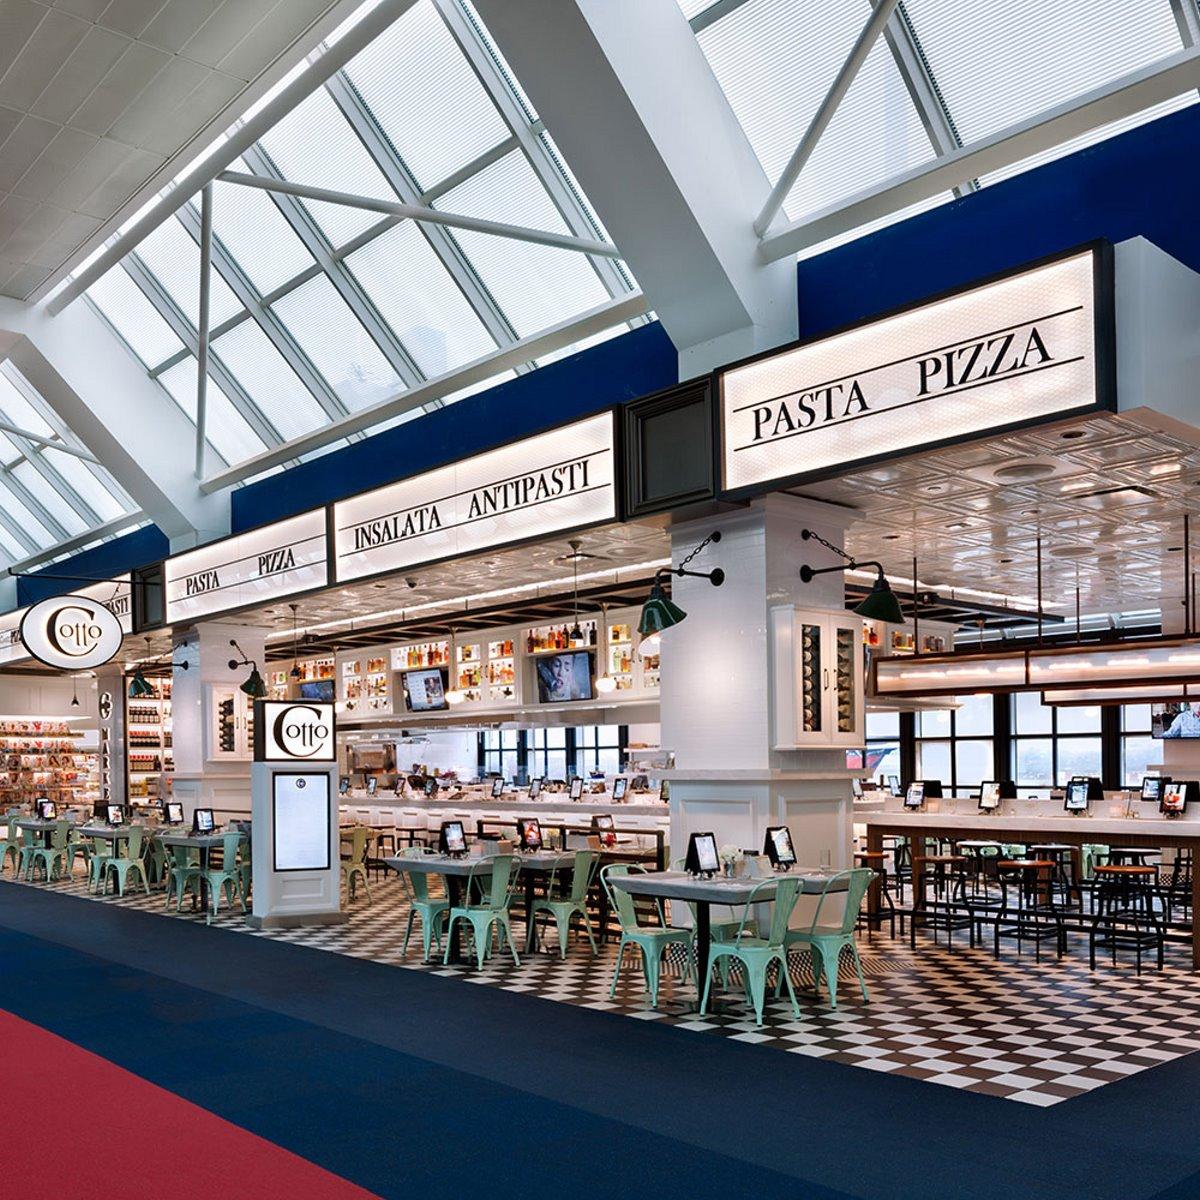 Εστιατόρια αεροδρομίων υψηλή μαγειρική στις πίτσες και μακαρονάδες